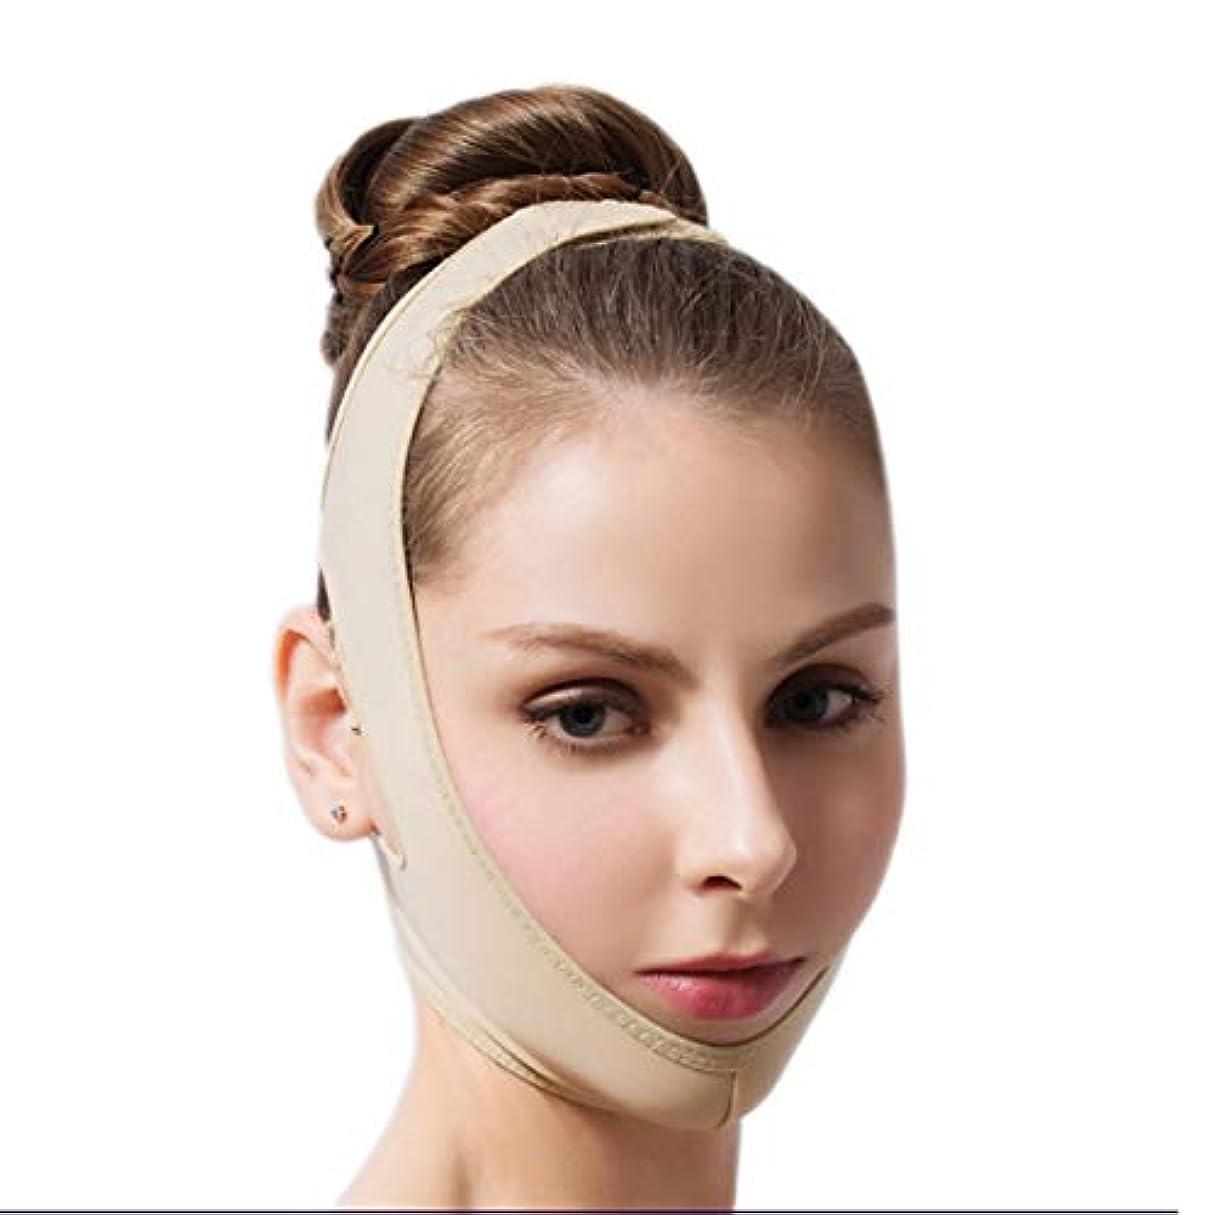 免疫するスーツつかの間ZWBD フェイスマスク, フェイスリフト包帯V整形術後回復包帯医療グレードマスクバンドルジョー二重あご (Size : L)